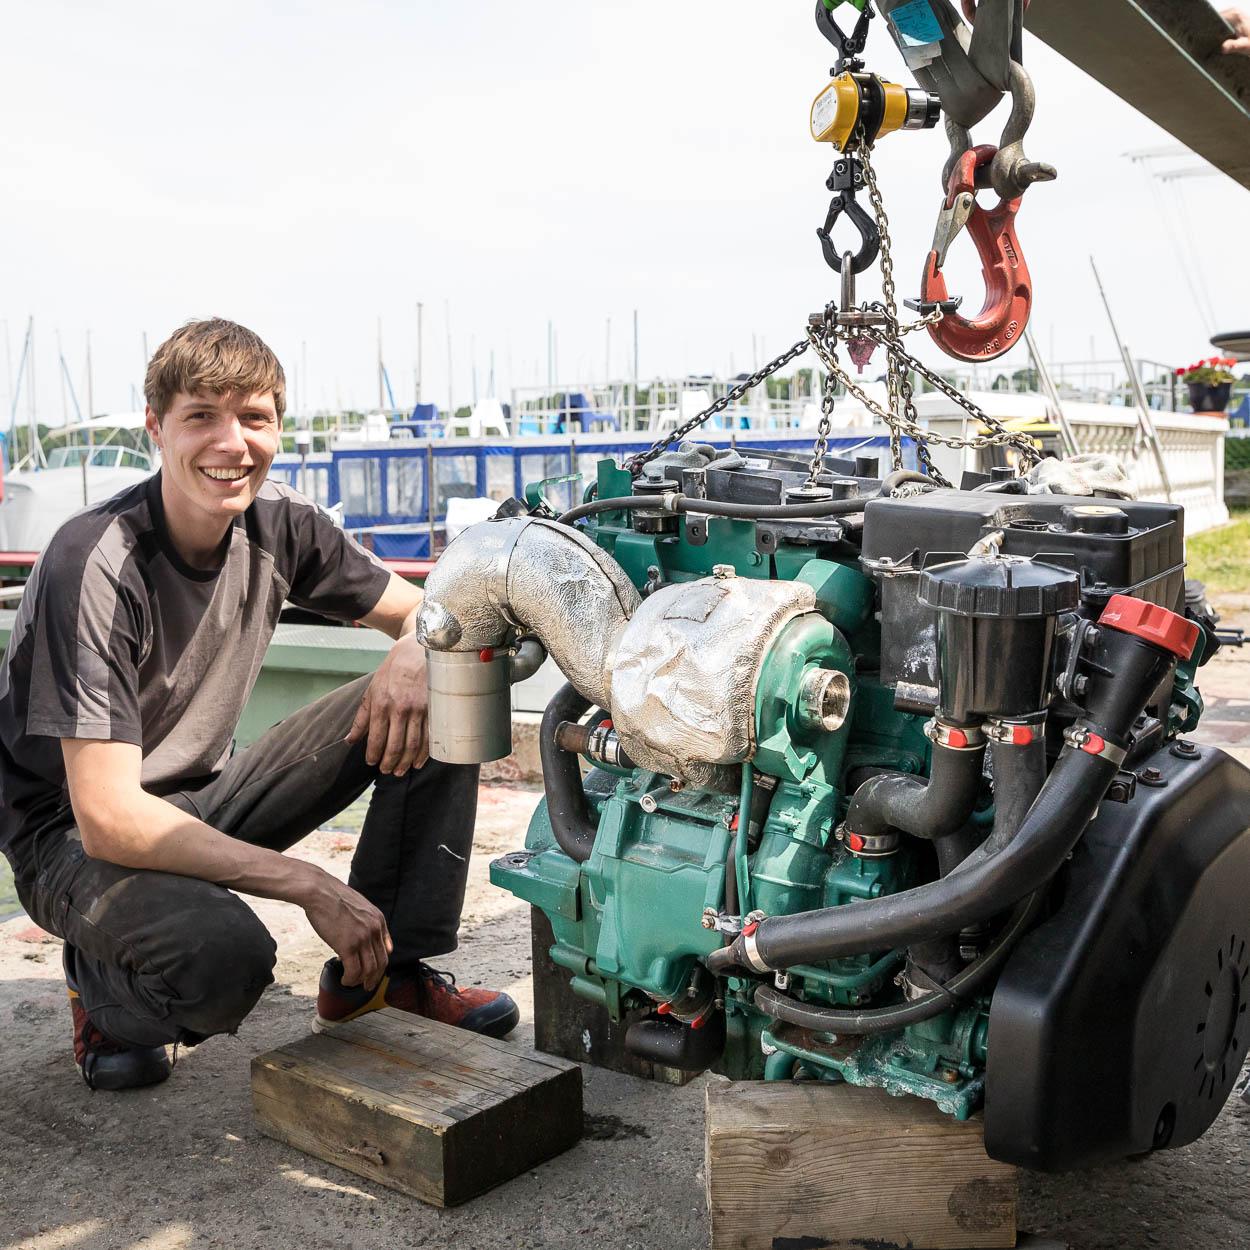 Aktuelle-Projekte-Norman-Bootsbau-Bootsmotoren-Wartung